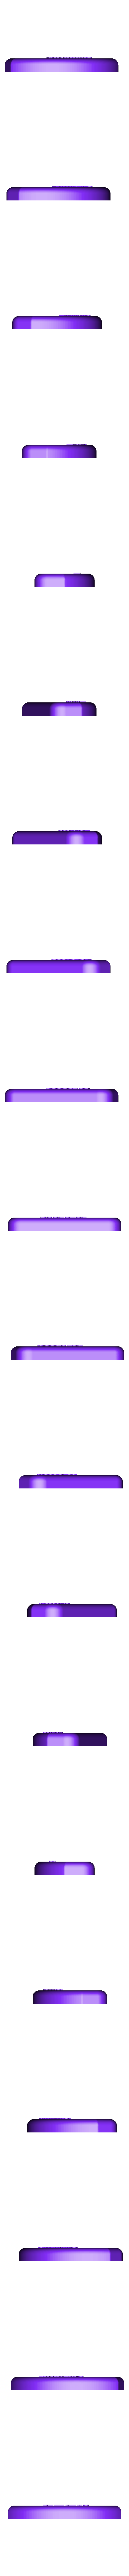 Socle.stl Télécharger fichier STL gratuit Socle de Batarang • Objet à imprimer en 3D, Quentin_Gauche